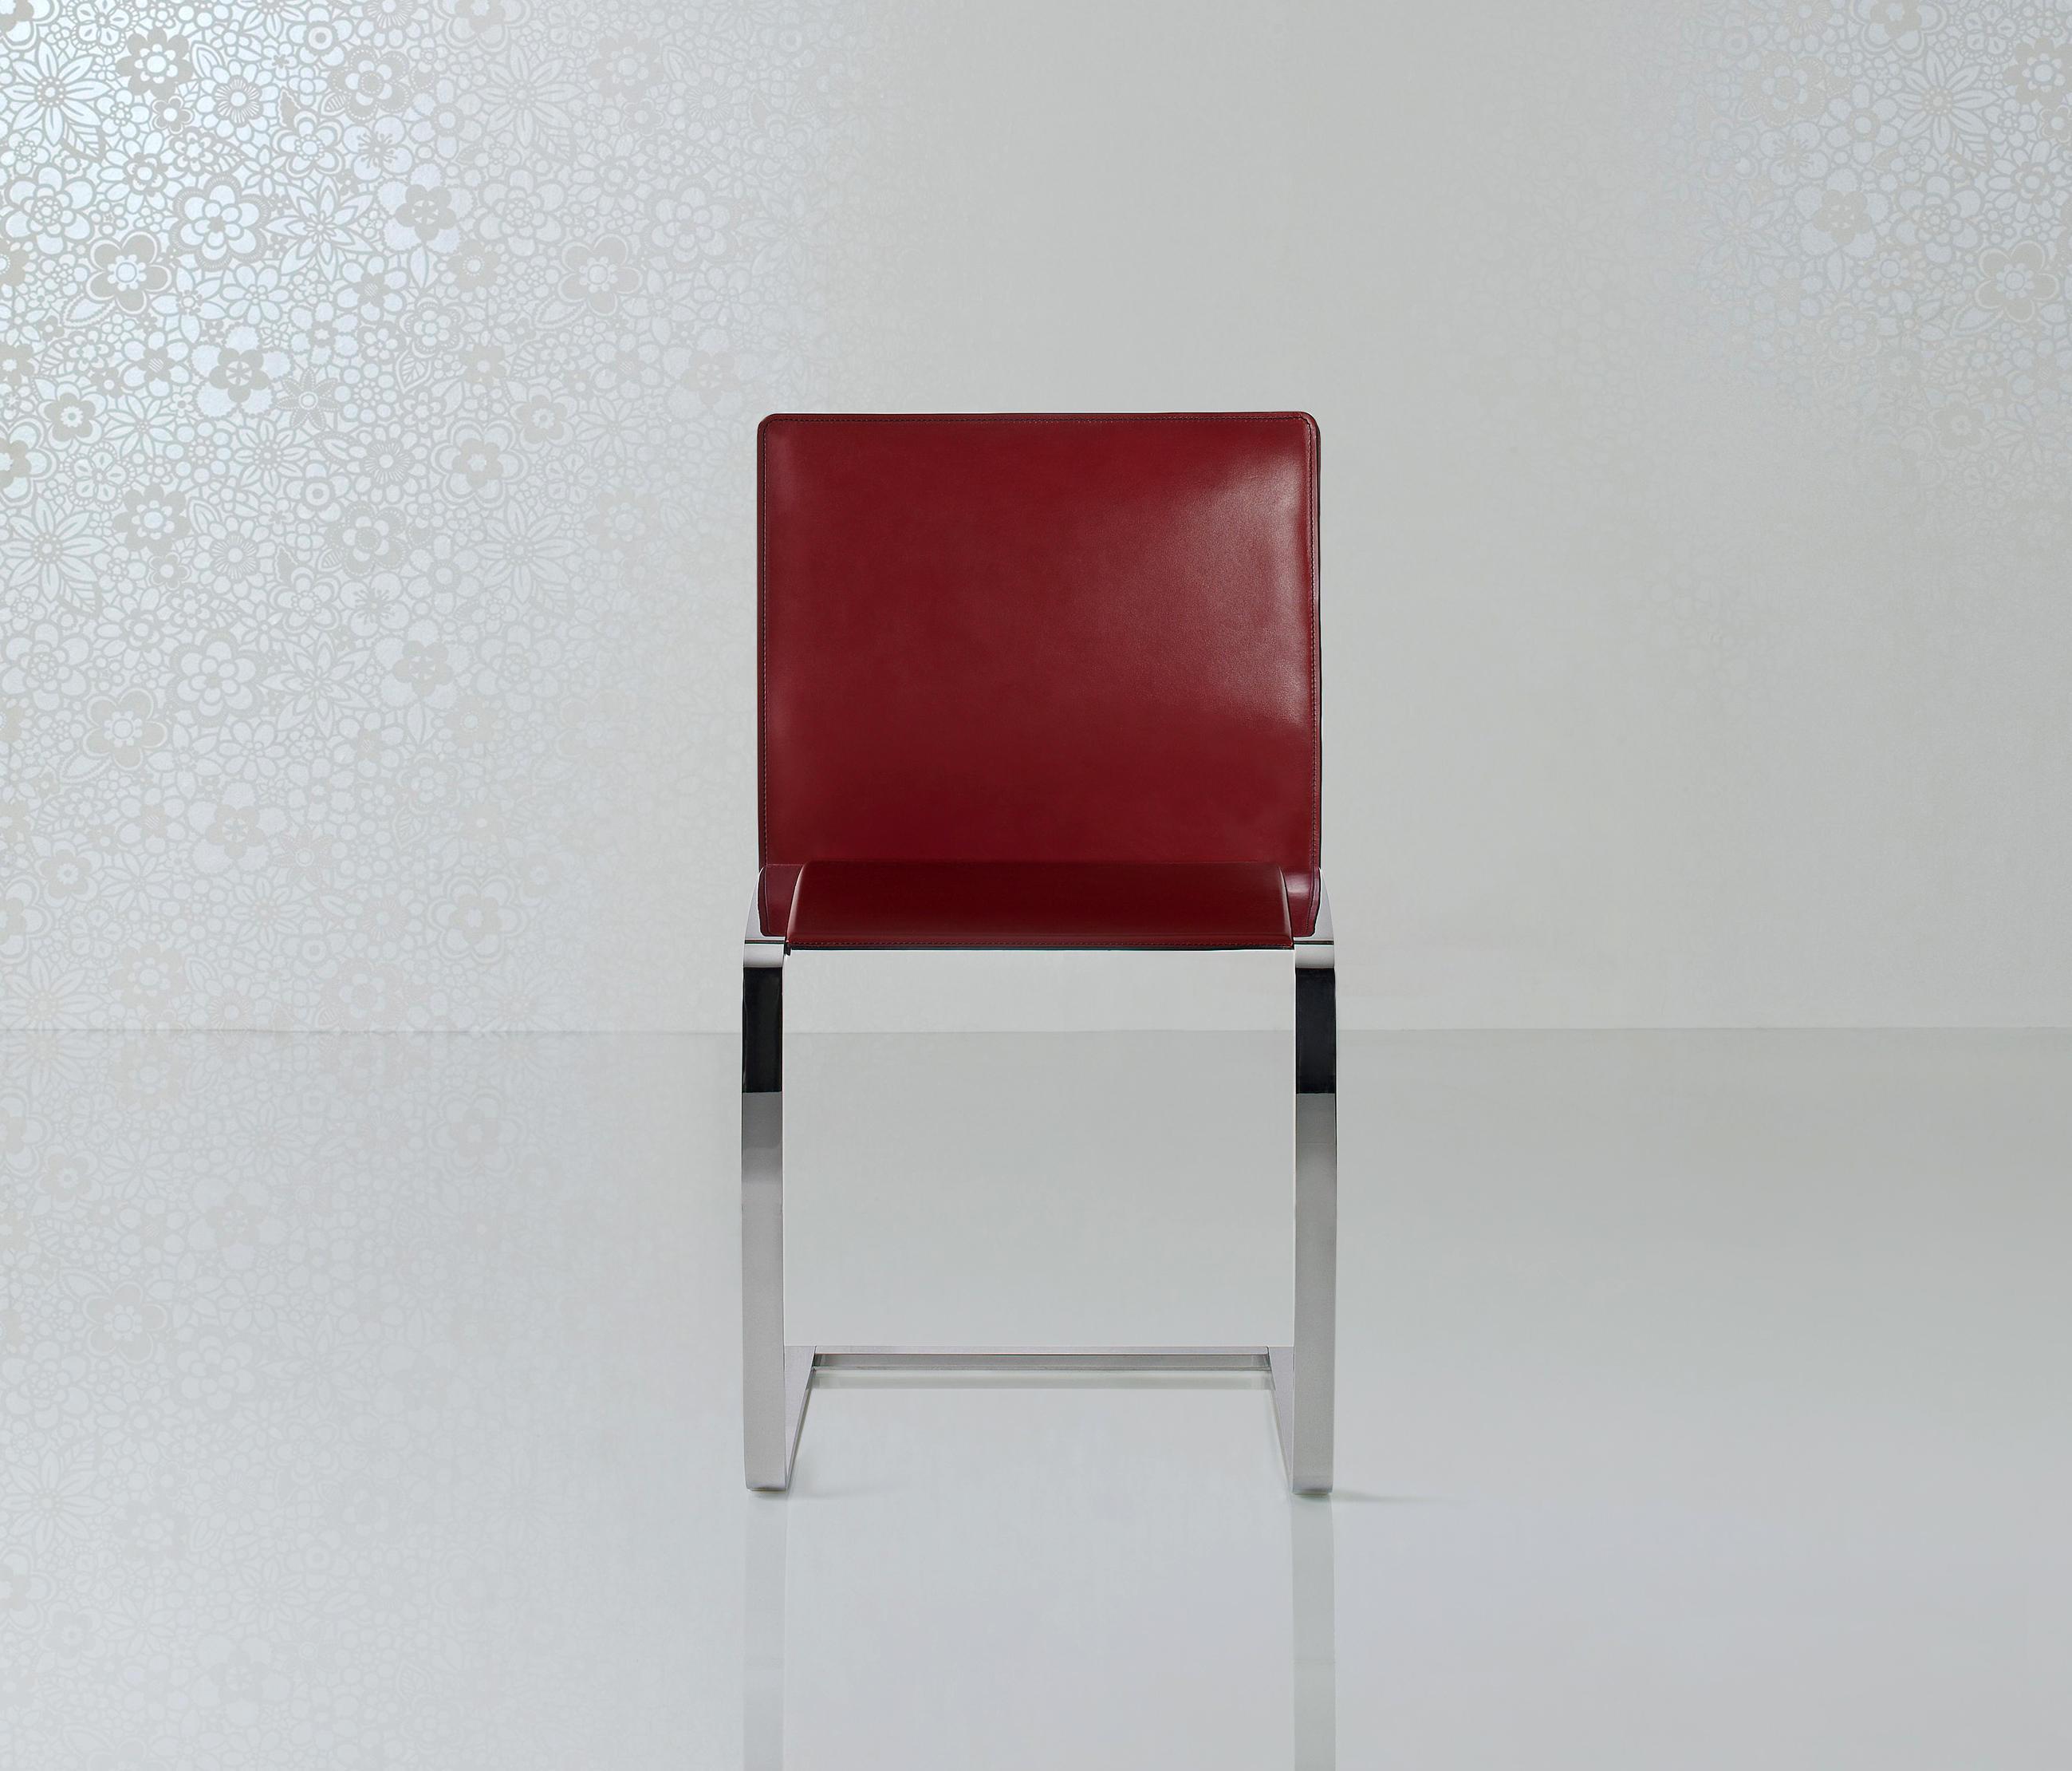 ... Zen Chair By Enrico Pellizzoni | Chairs